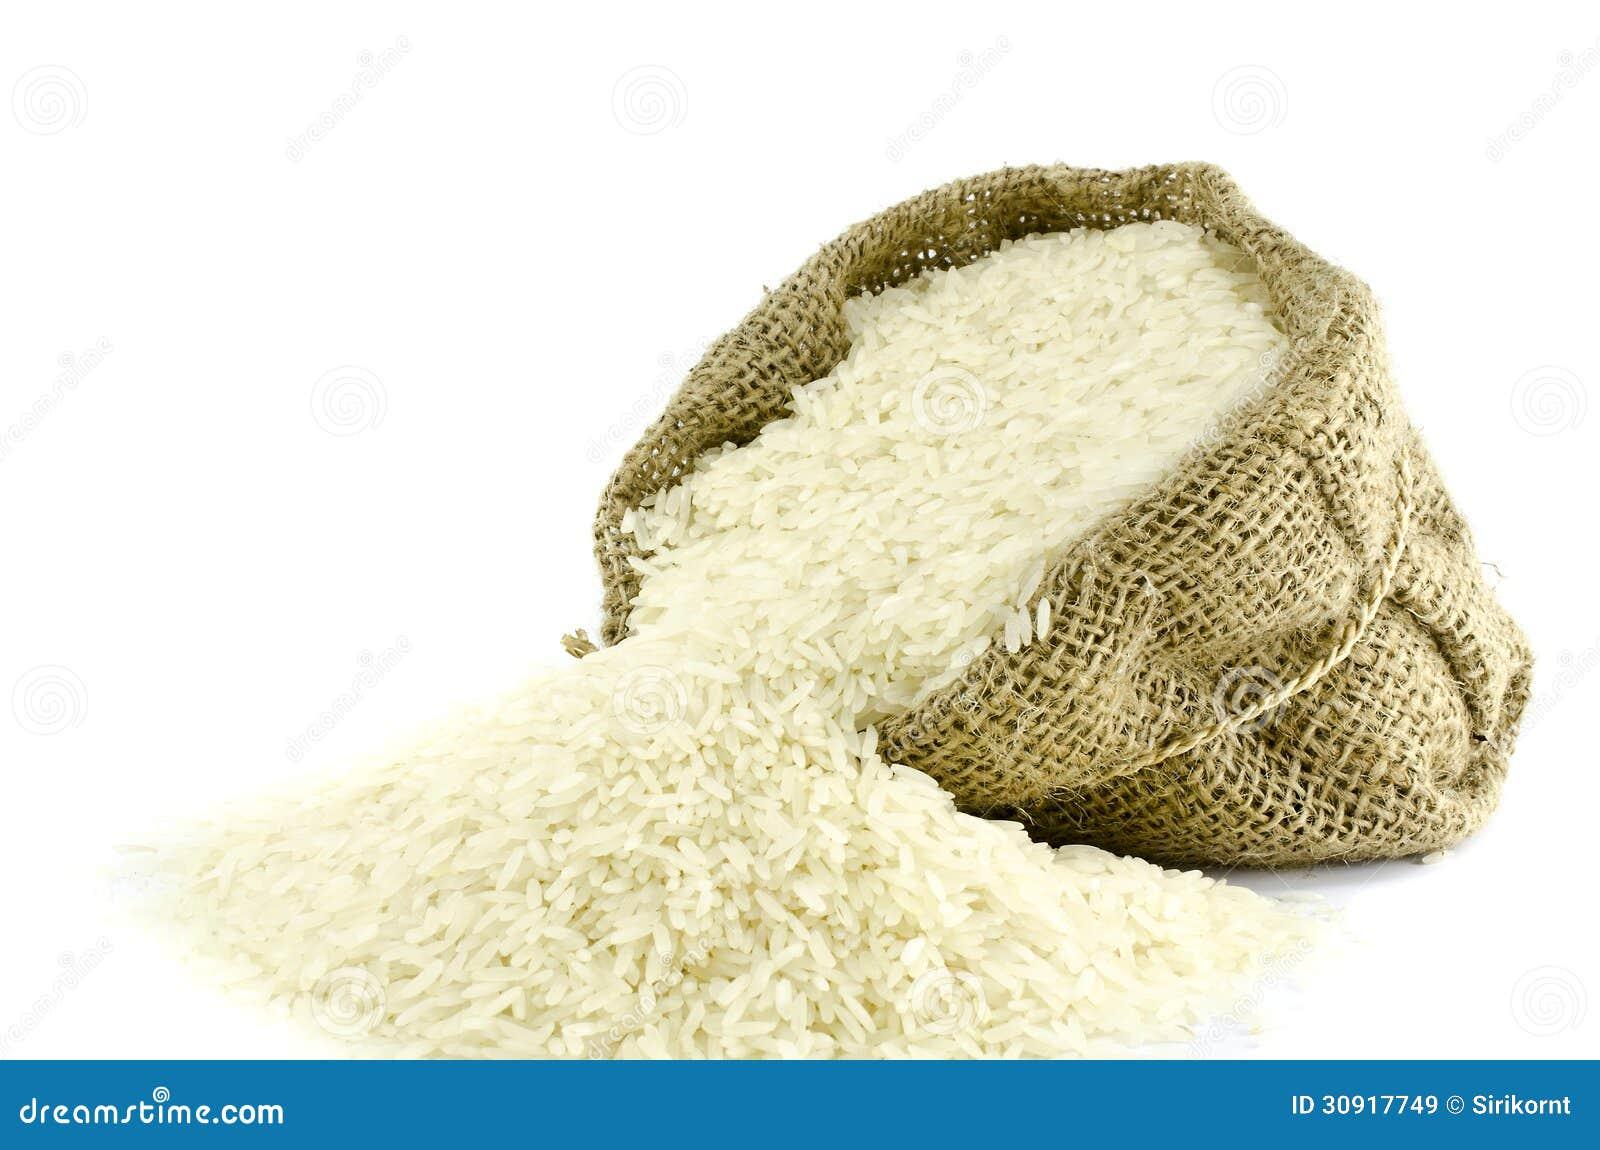 Rice in Gunny bag